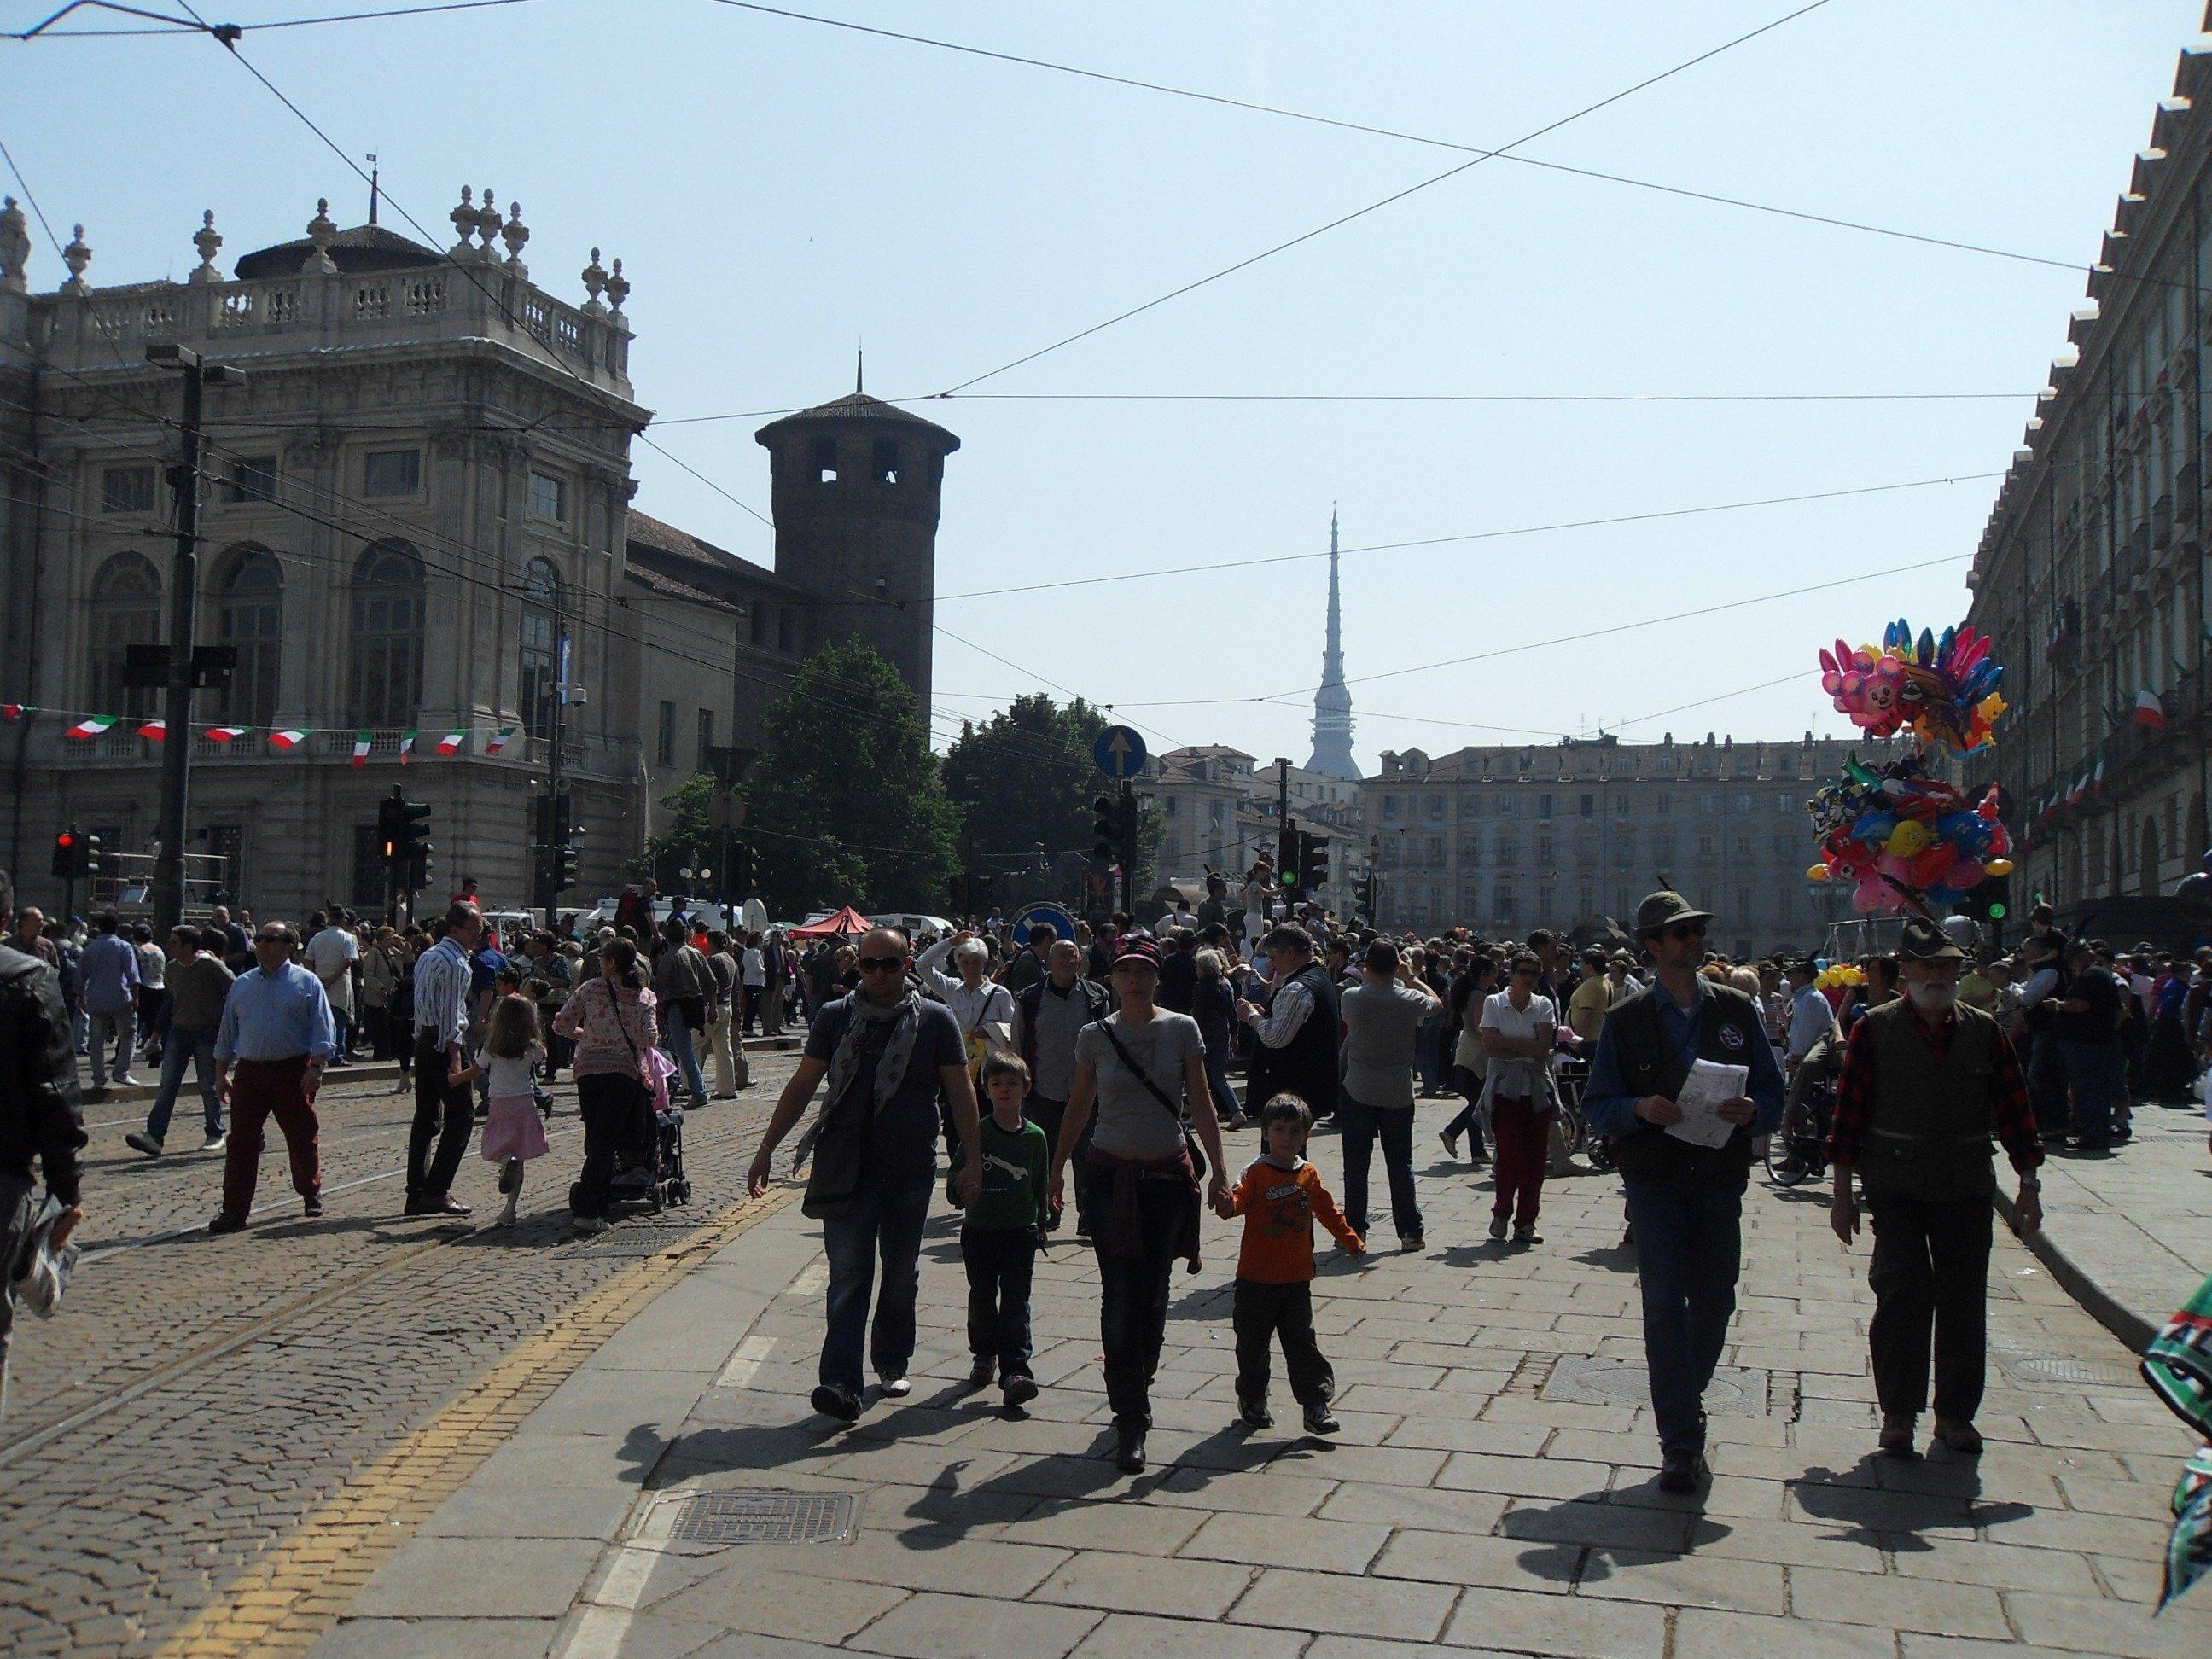 Ponti, Pasqua, concerti ed eventi: il mese chiave del turismo